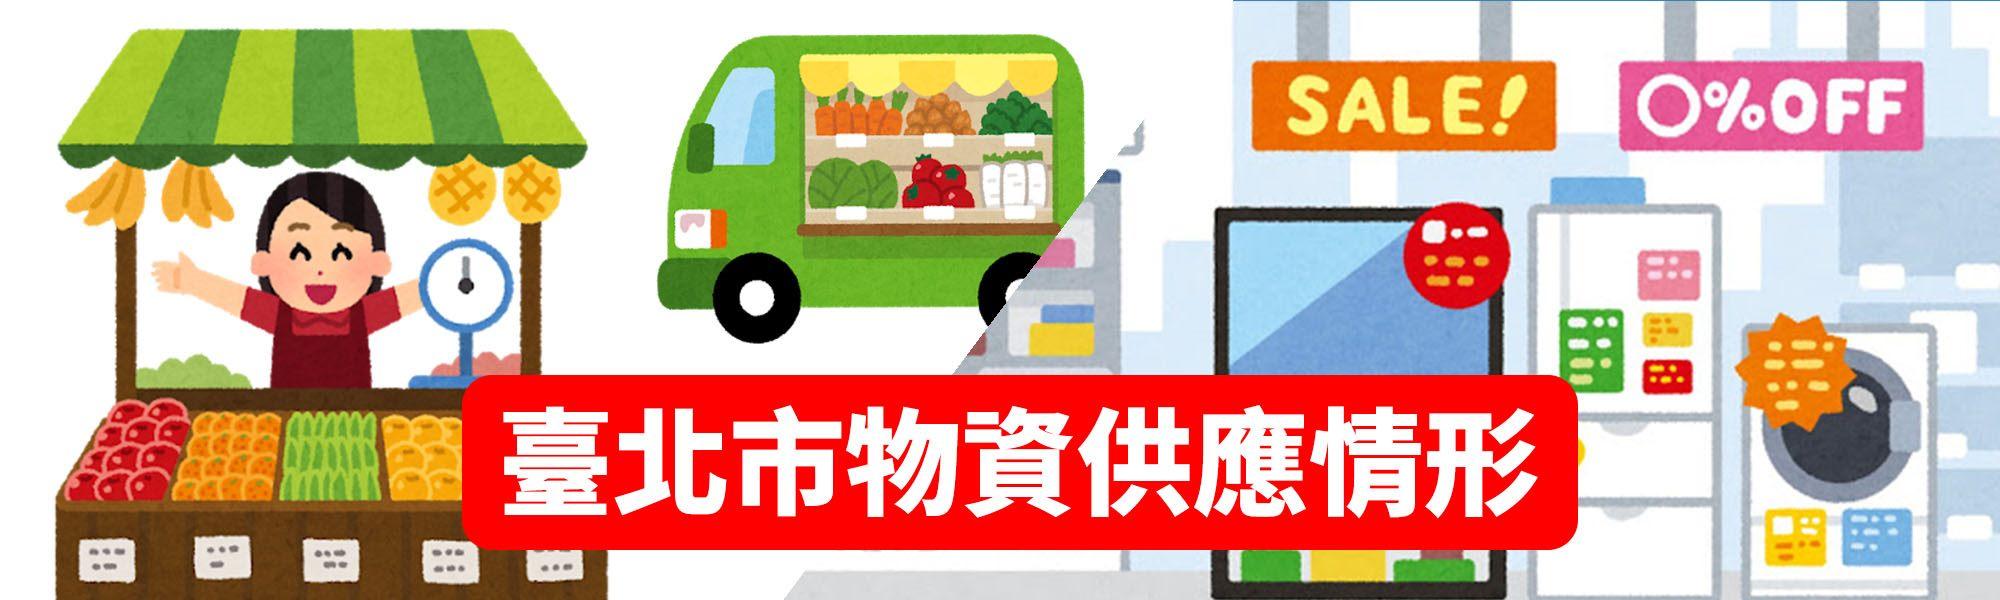 台北市物資供應情形